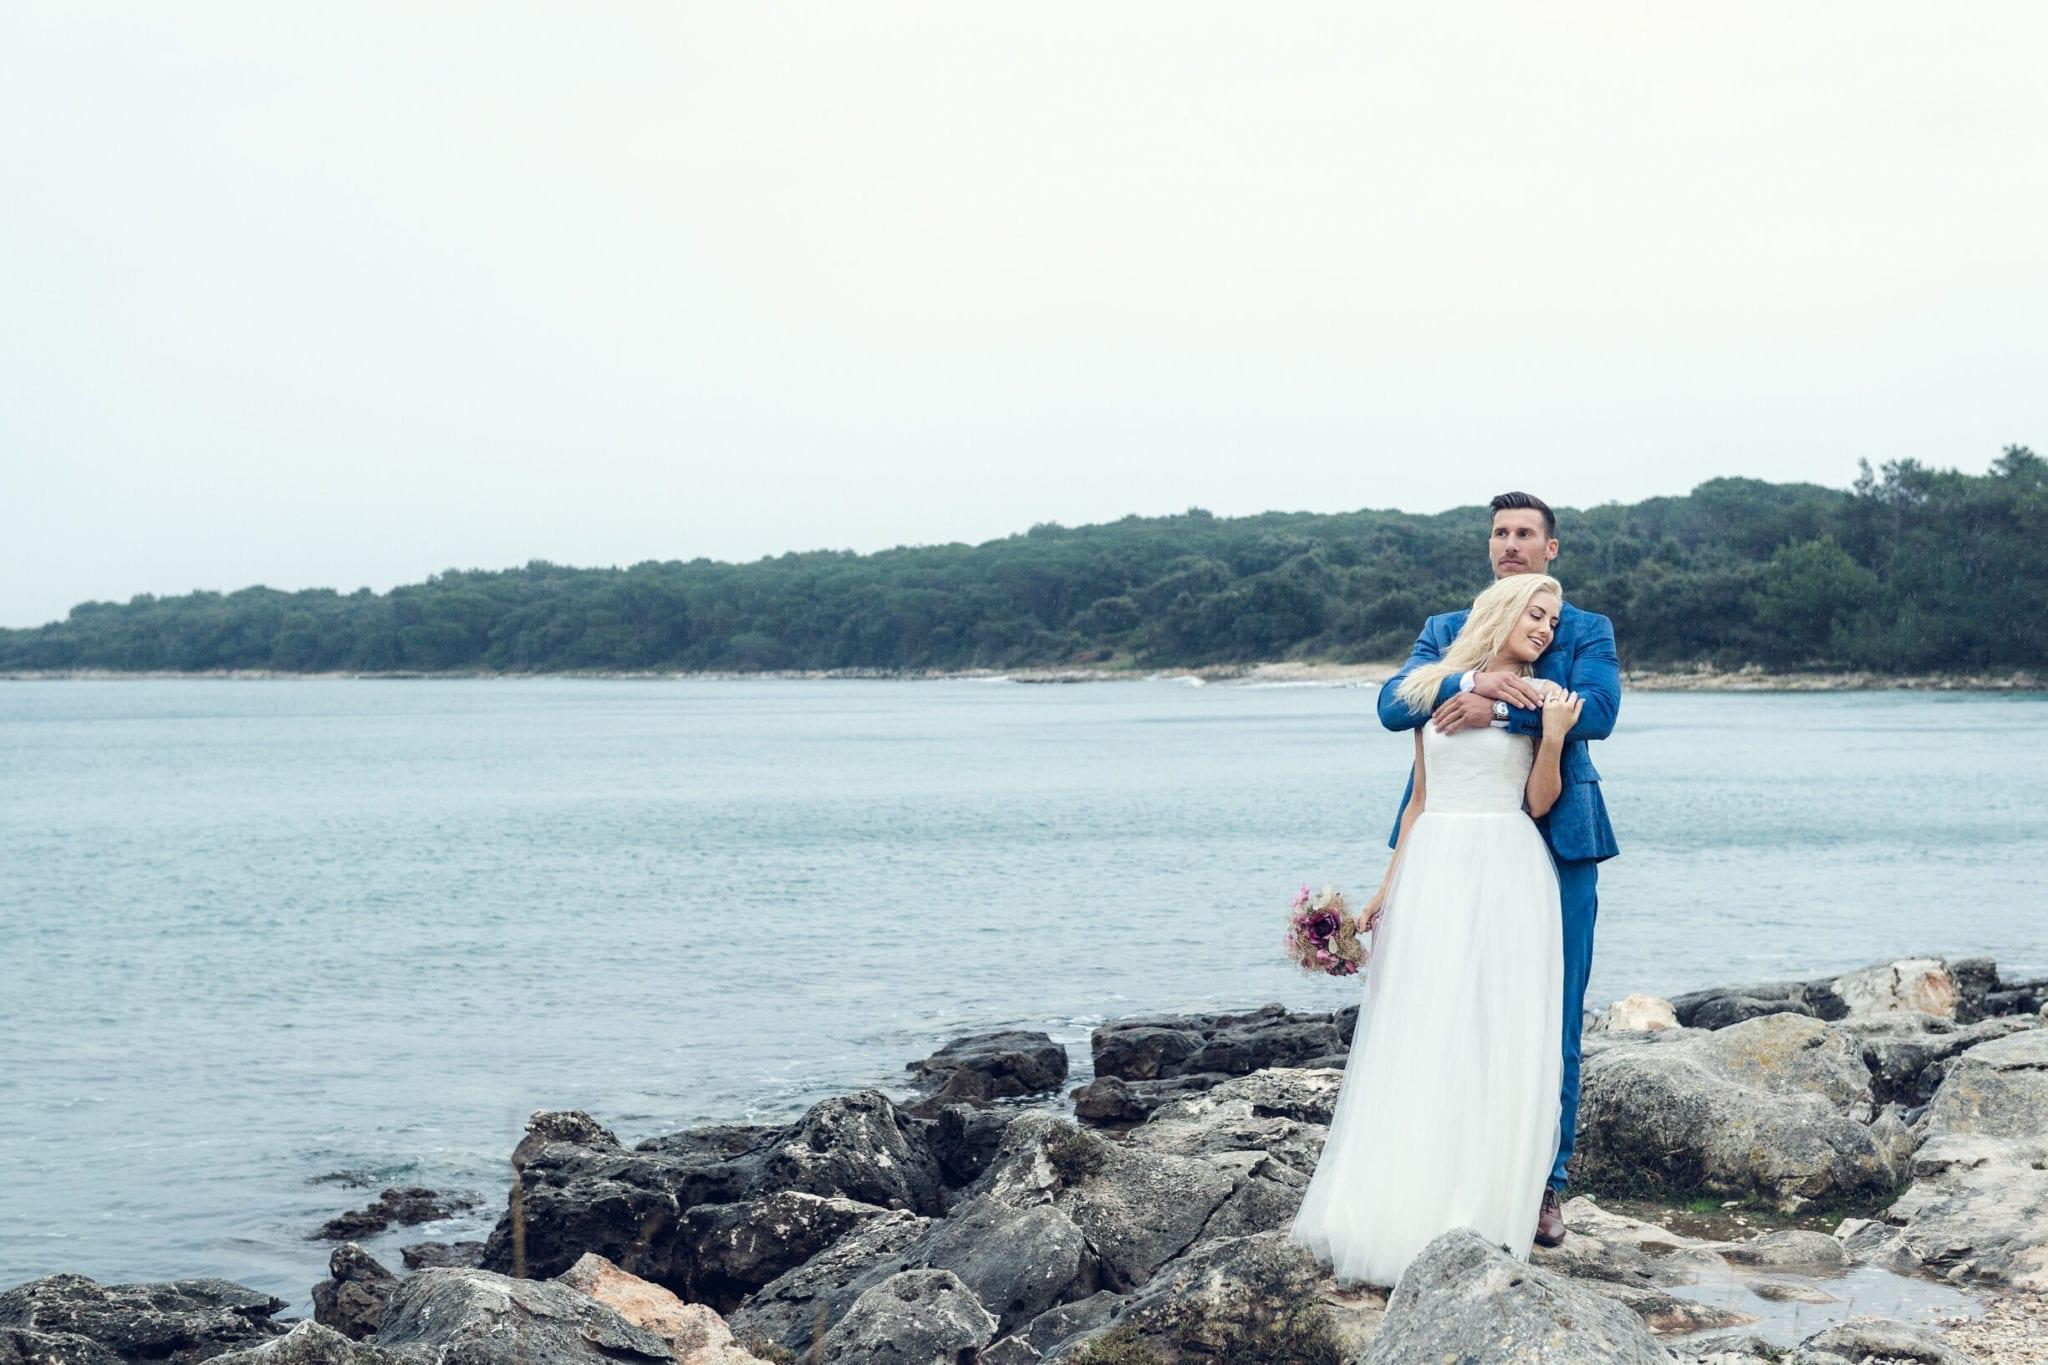 Hochzeitsfoto am Meer